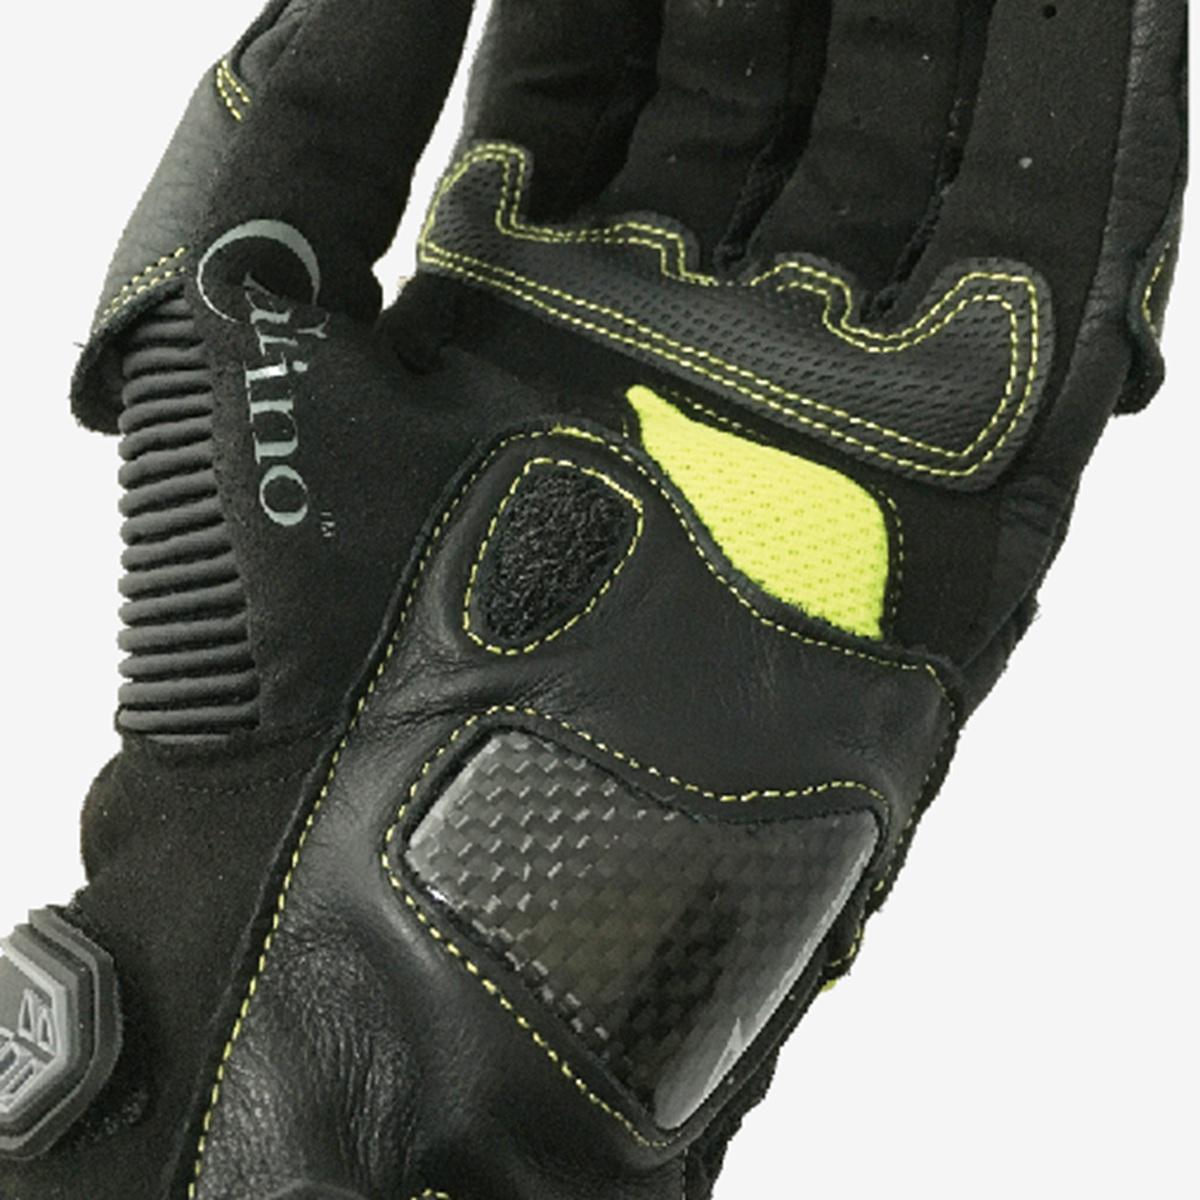 虎口、握把處的 PU 強化耐磨面料和立體剪裁,讓布料緊密配合手部的形狀。